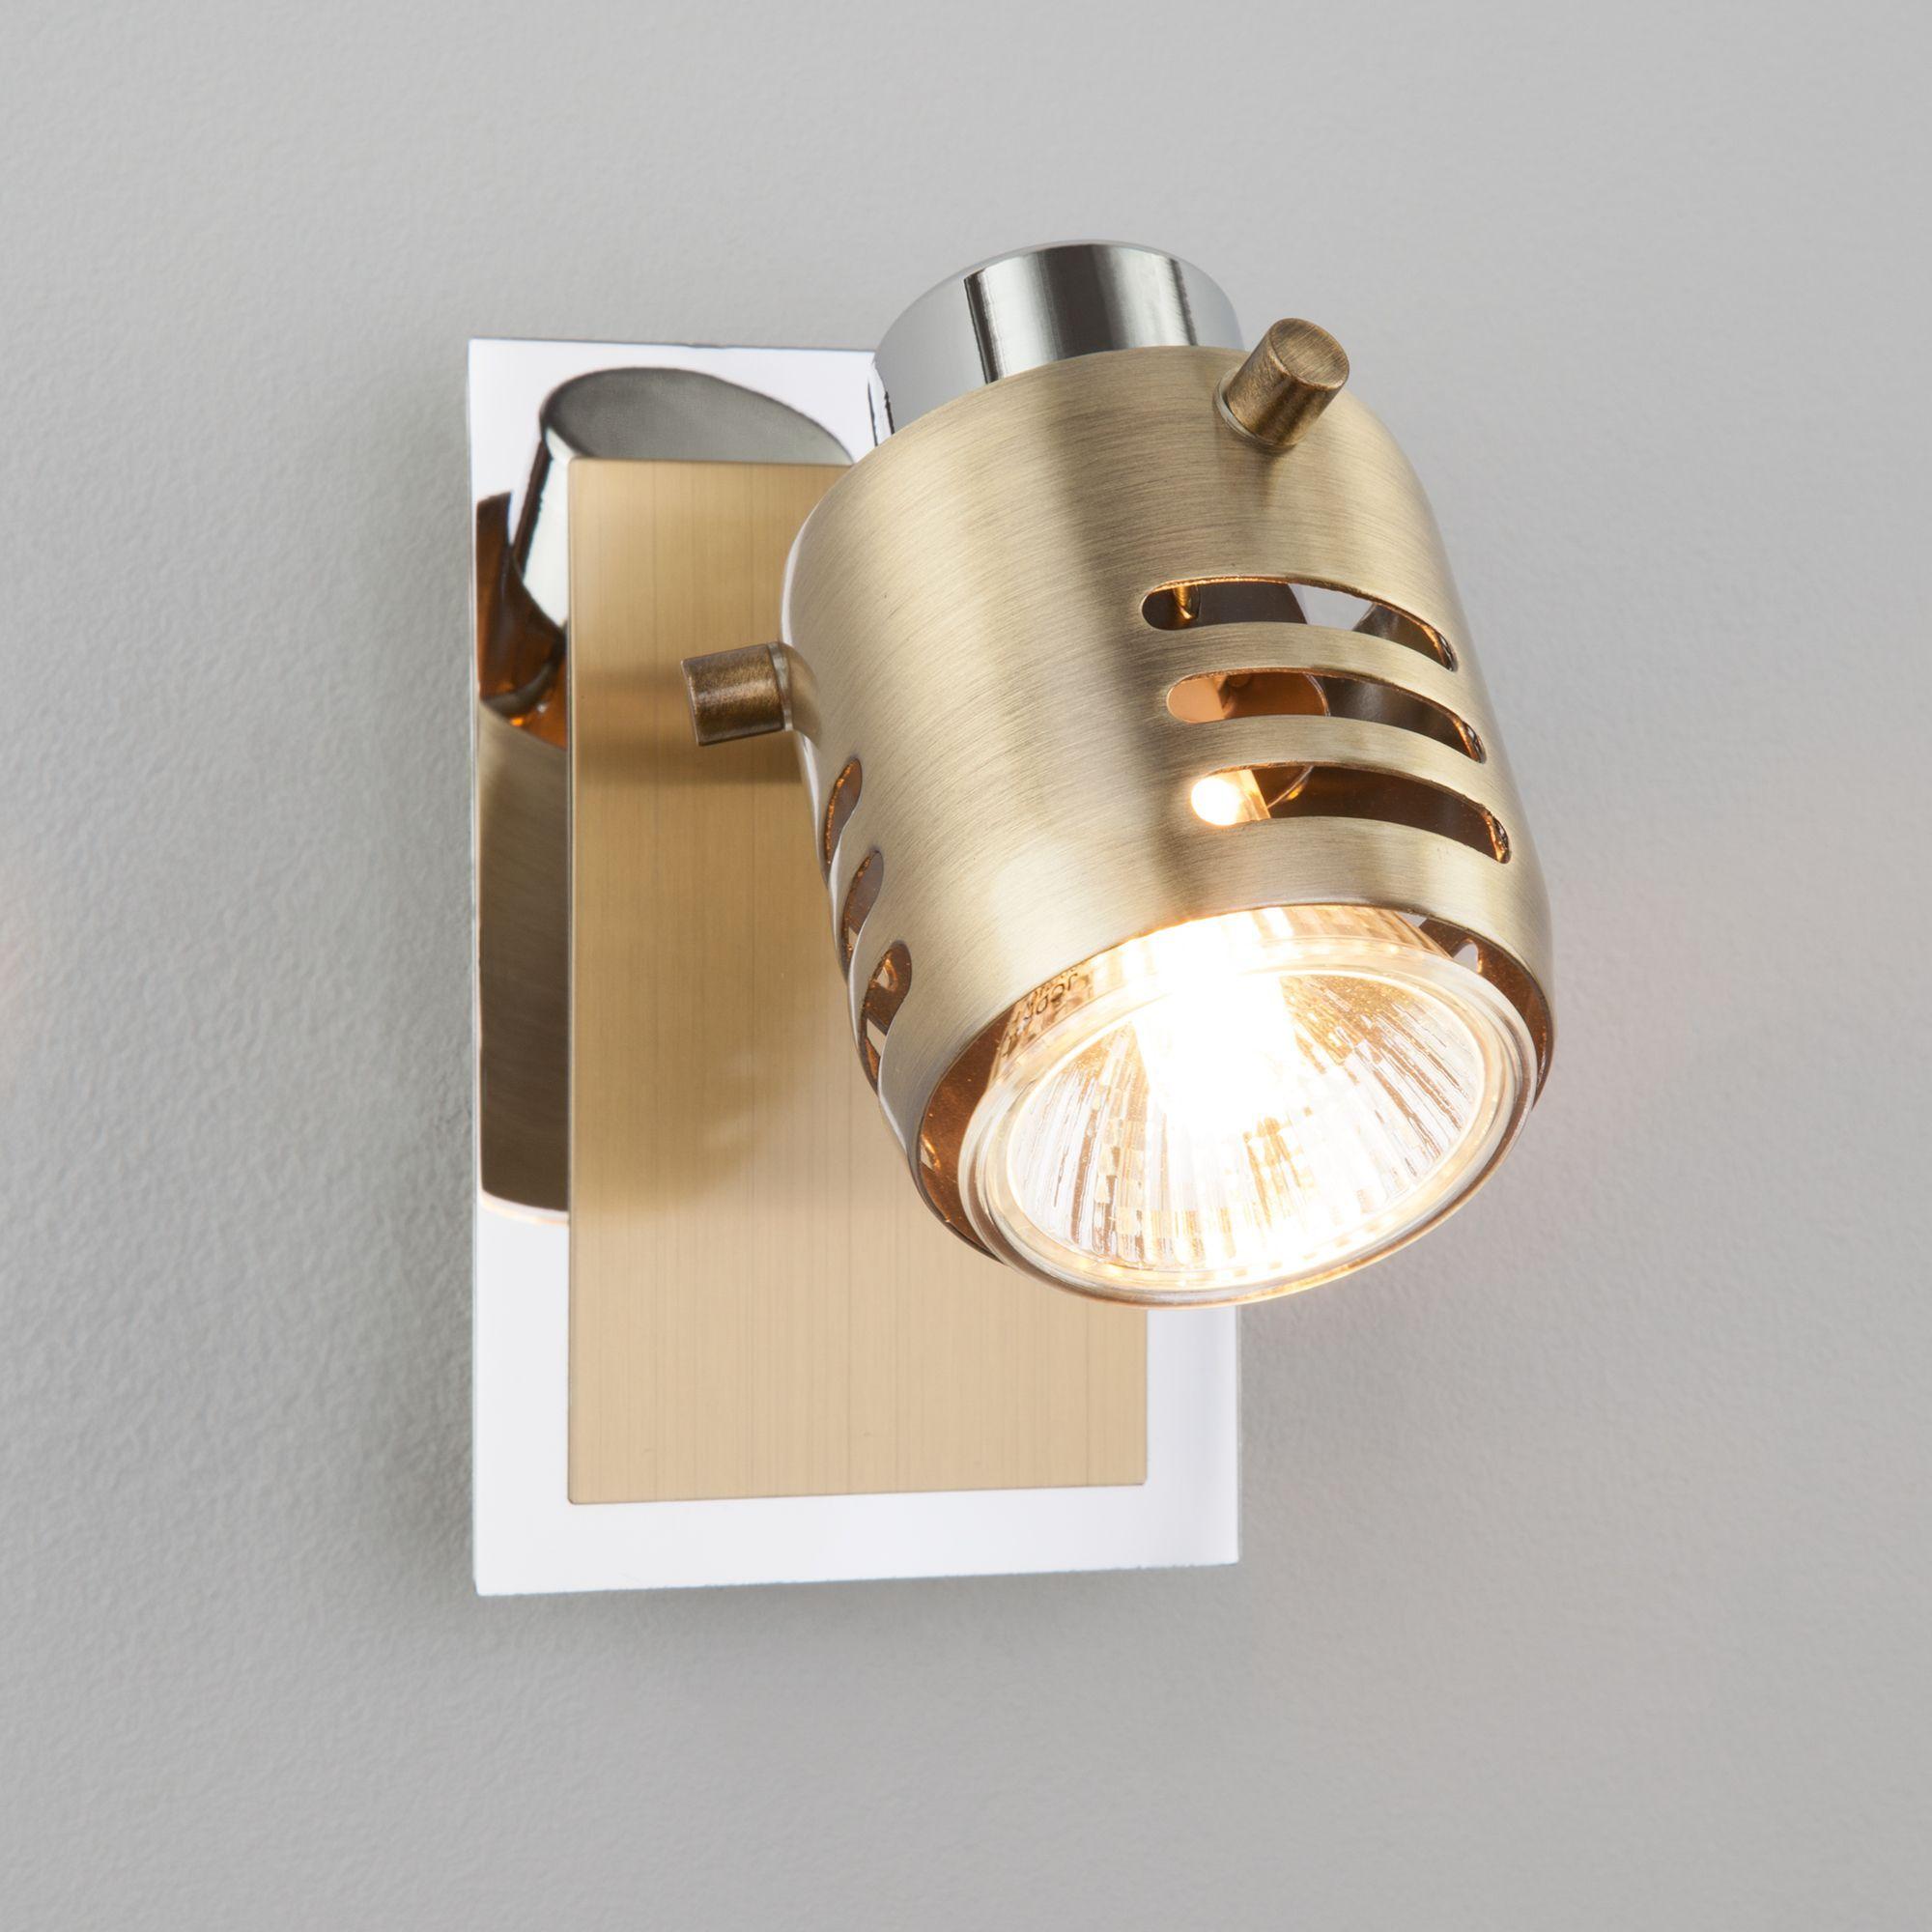 Спот с поворотным плафоном 23463/1 хром / античная бронза